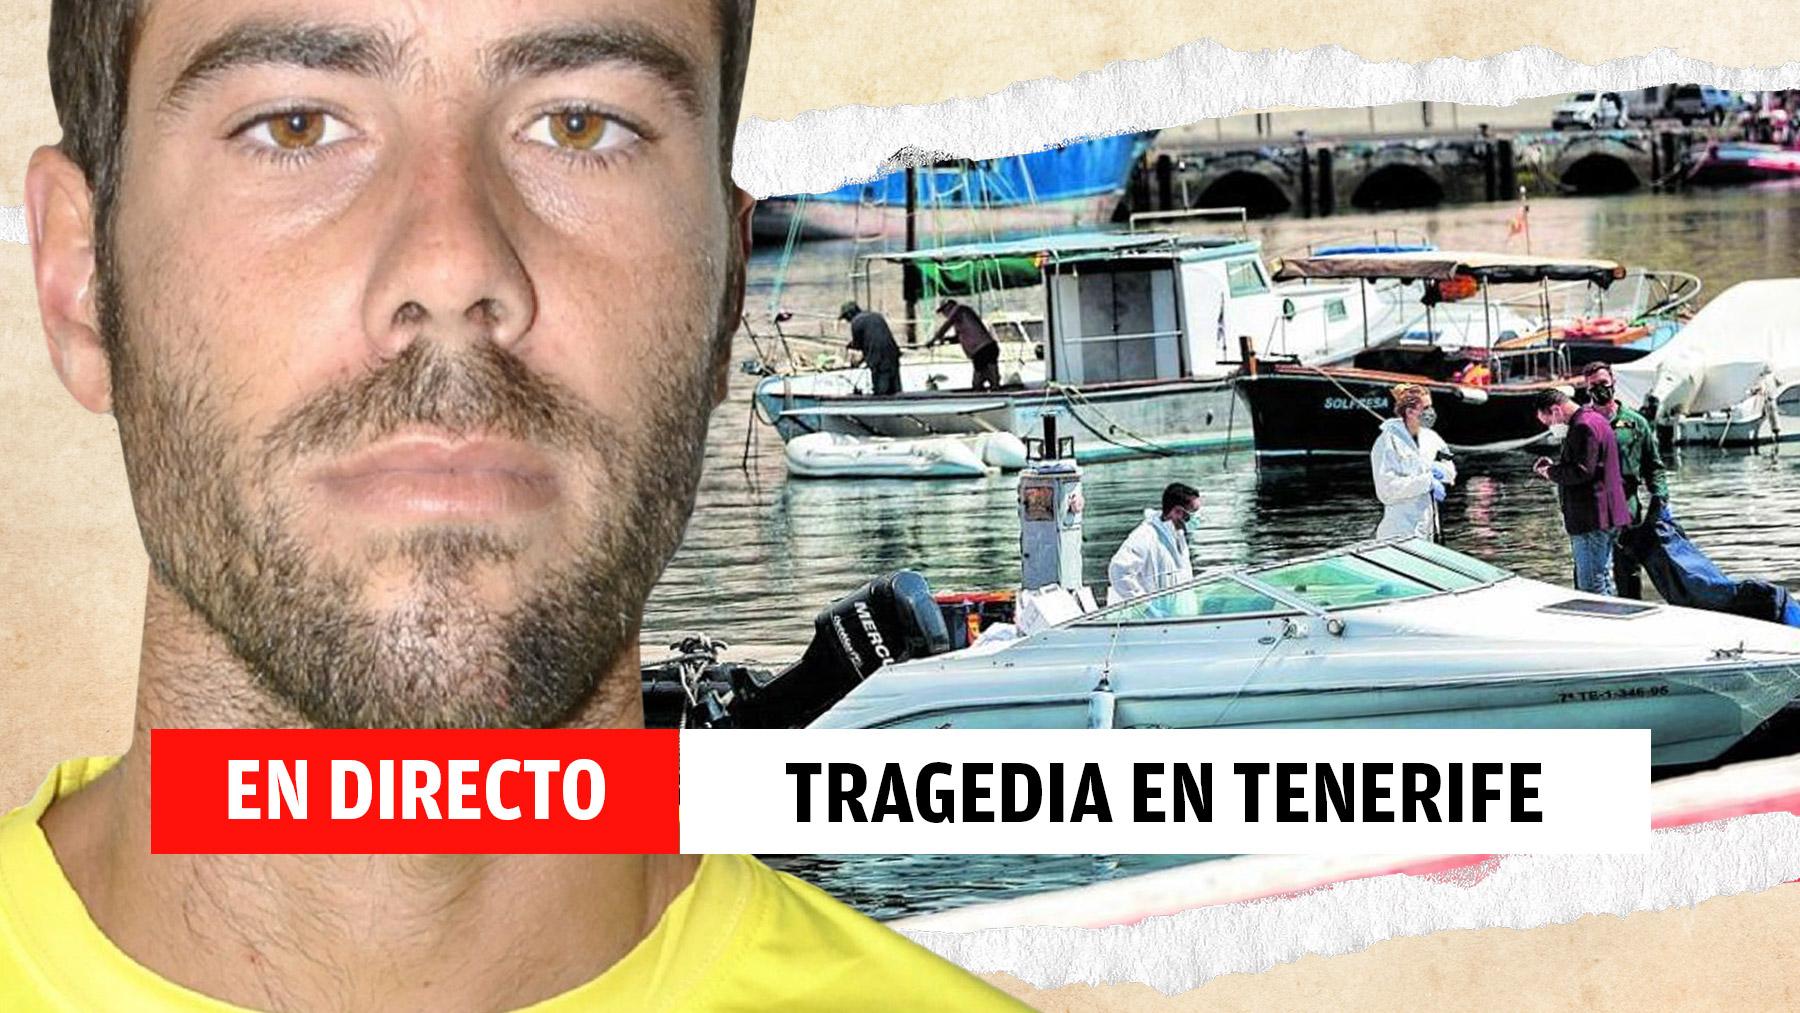 Últimas noticias en directo de las niñas de Tenerife